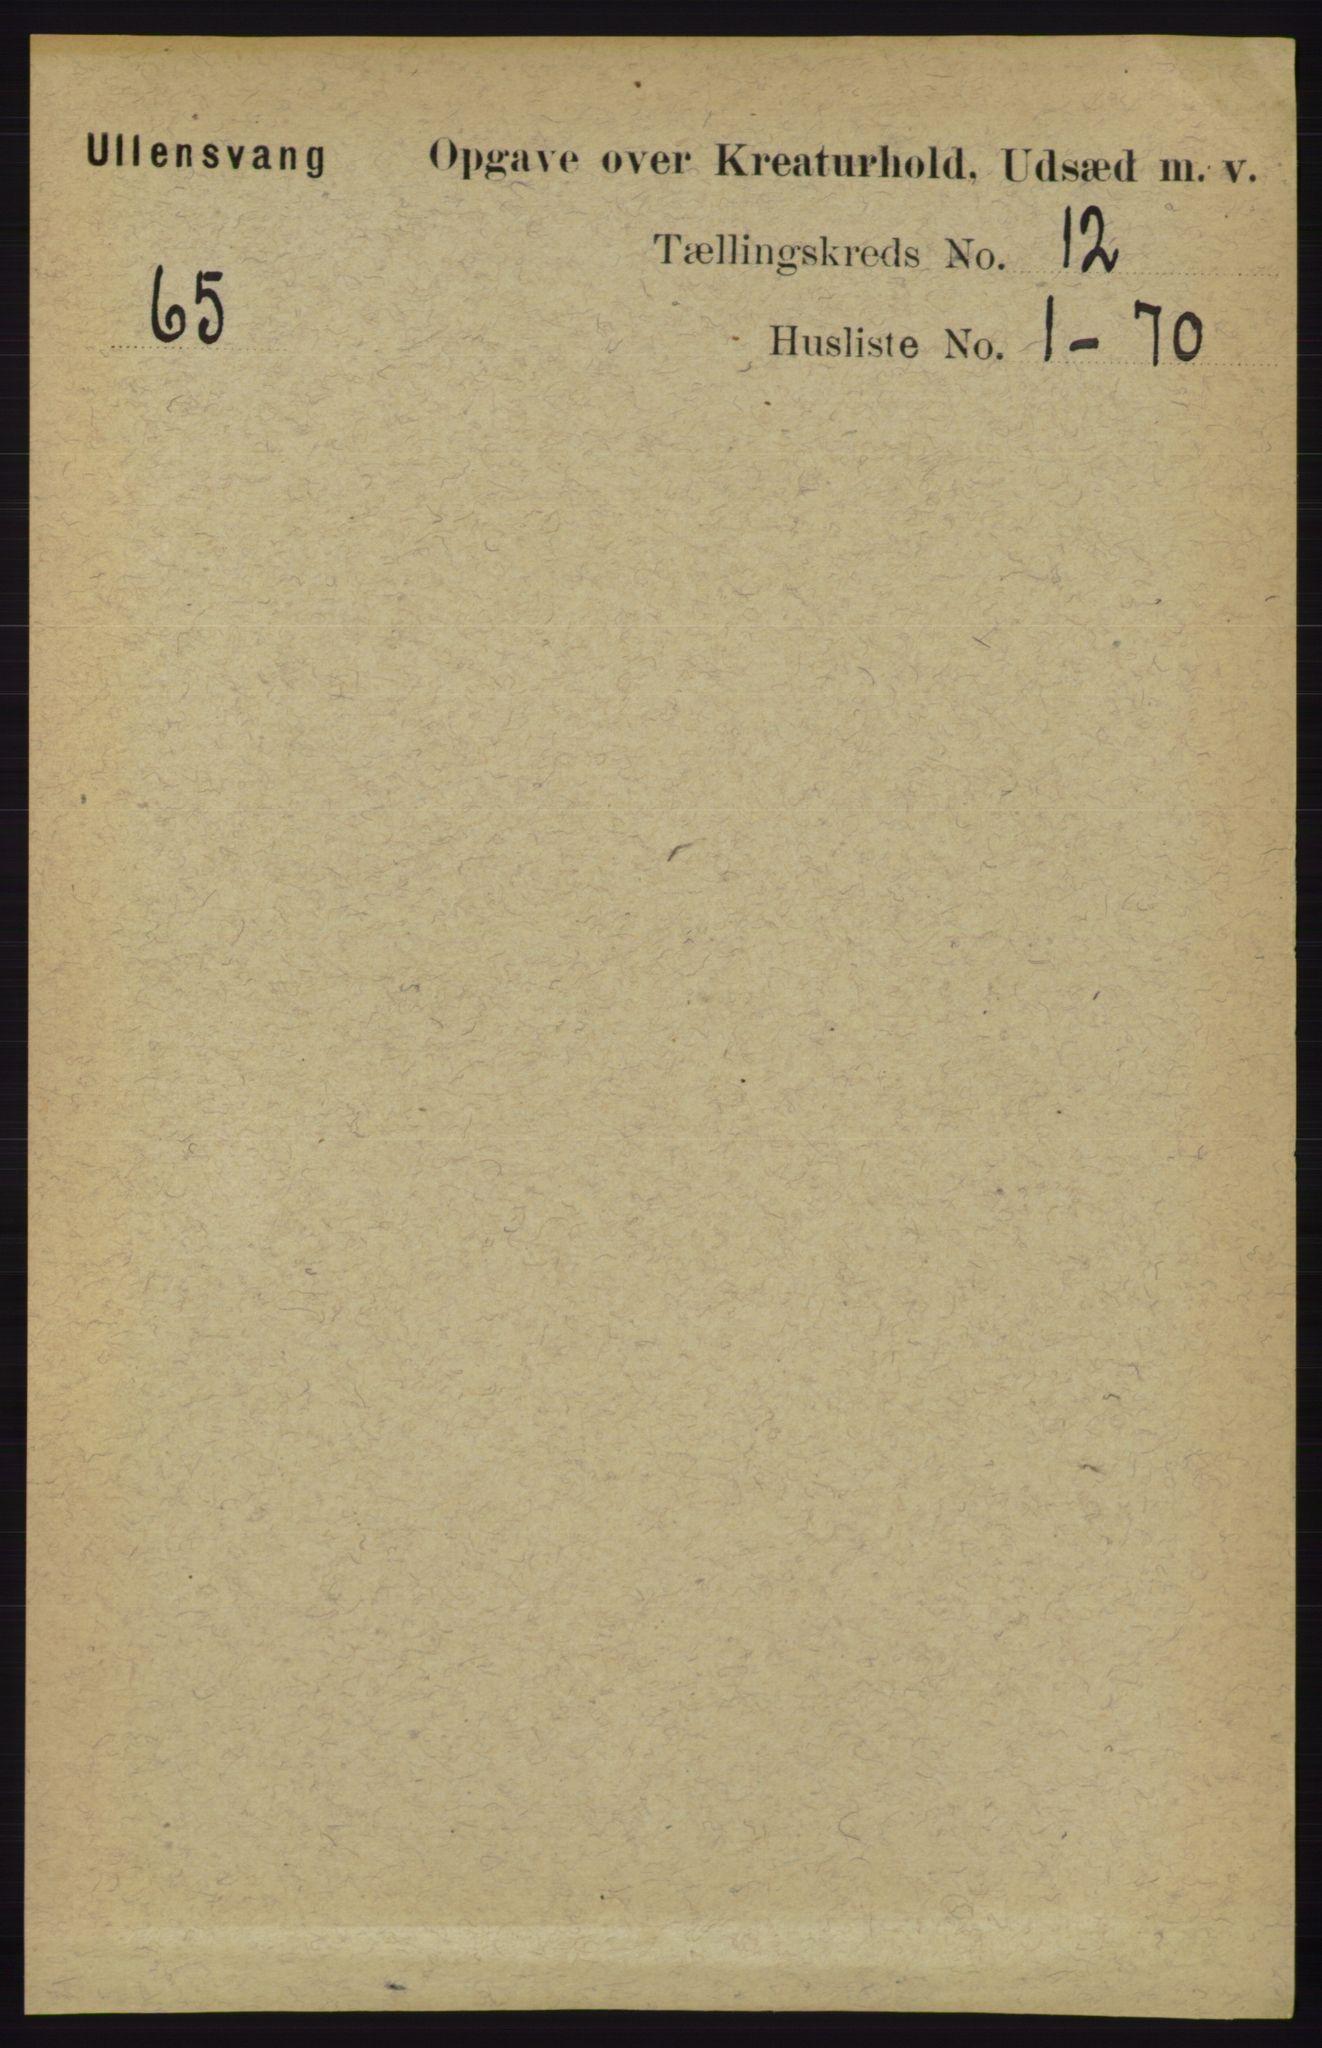 RA, Folketelling 1891 for 1230 Ullensvang herred, 1891, s. 8021